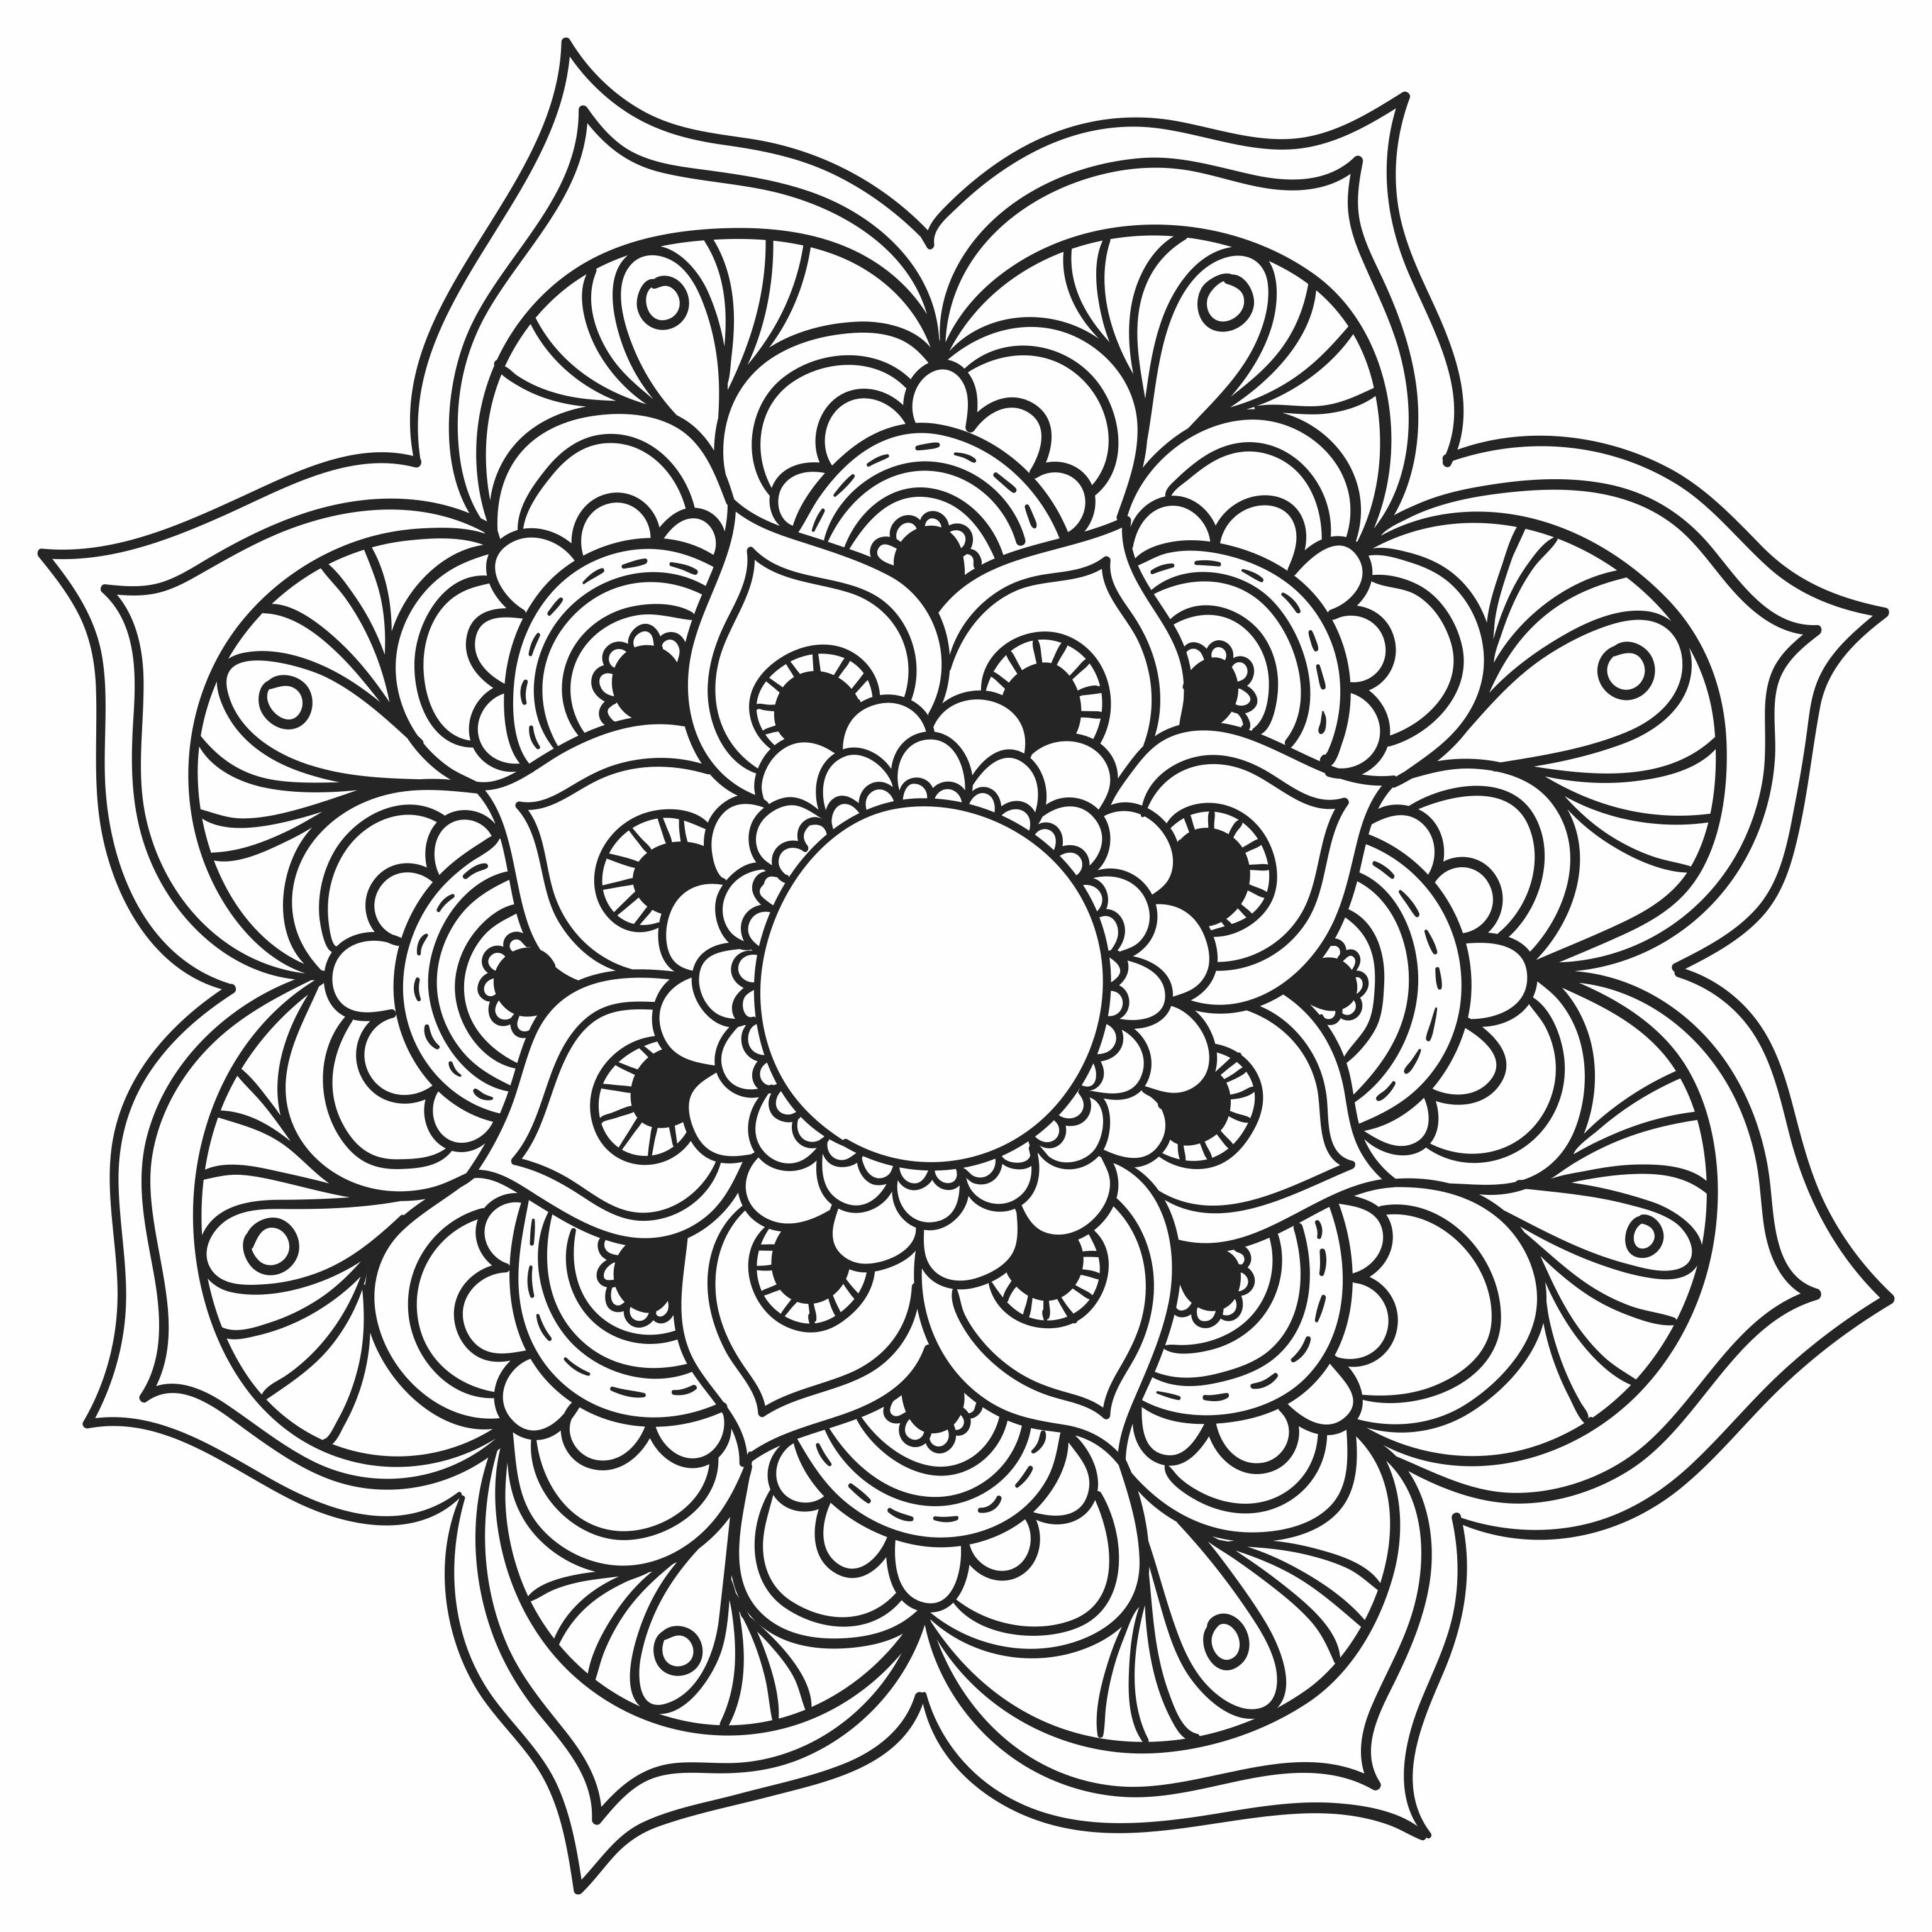 Super Imagens de Mandalas para você baixar, imprimir e colorir  XD41